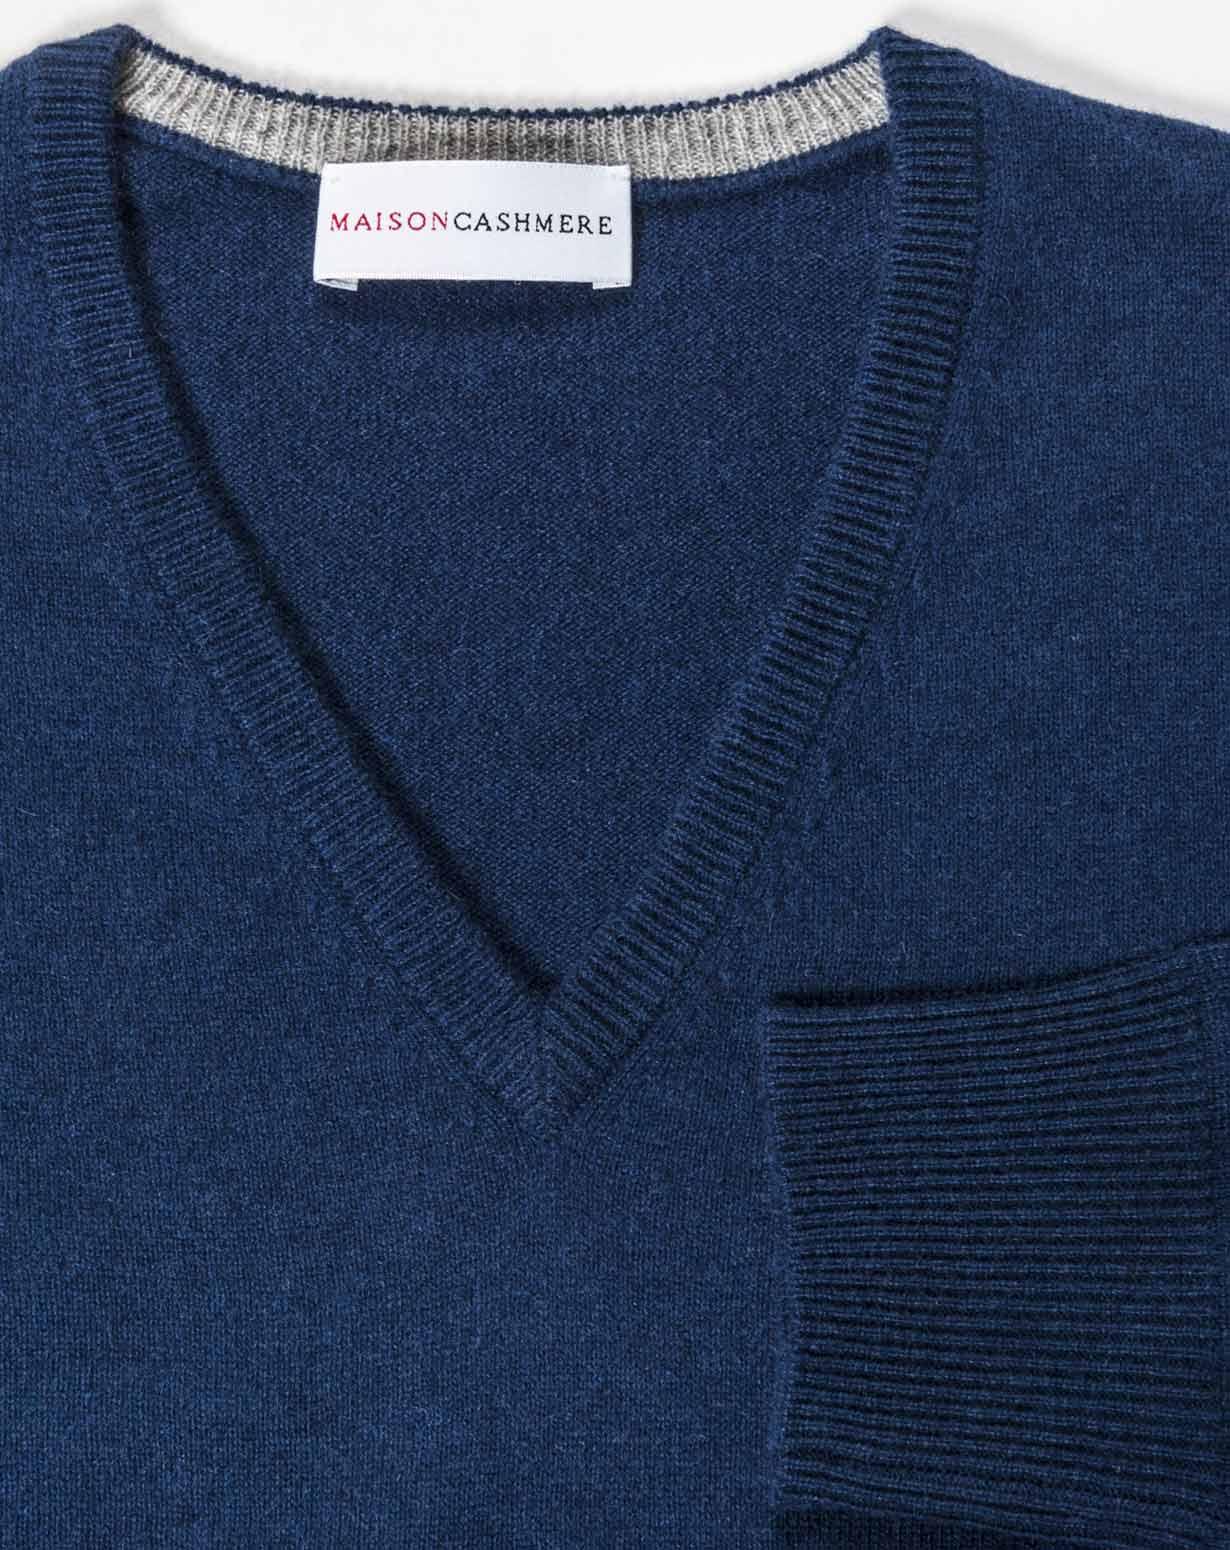 lana de con Jersey de pico en cuello cachemiraMaisoncashmere UqLSzVpMG